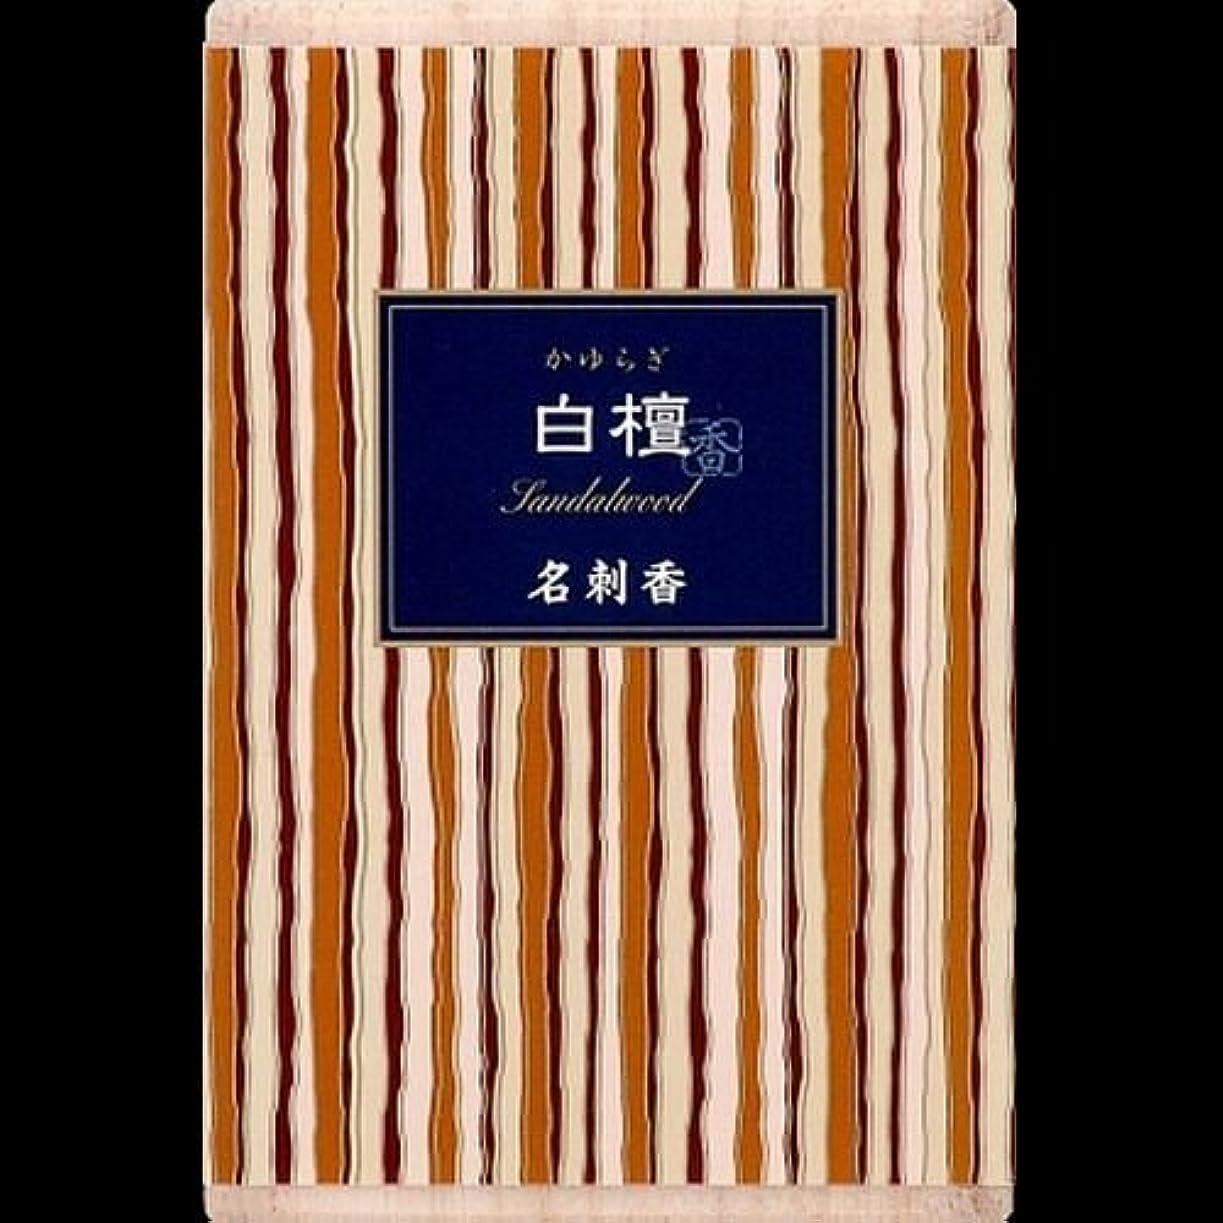 食欲パリティアラビア語【まとめ買い】かゆらぎ 白檀 名刺香 桐箱 6入 ×2セット